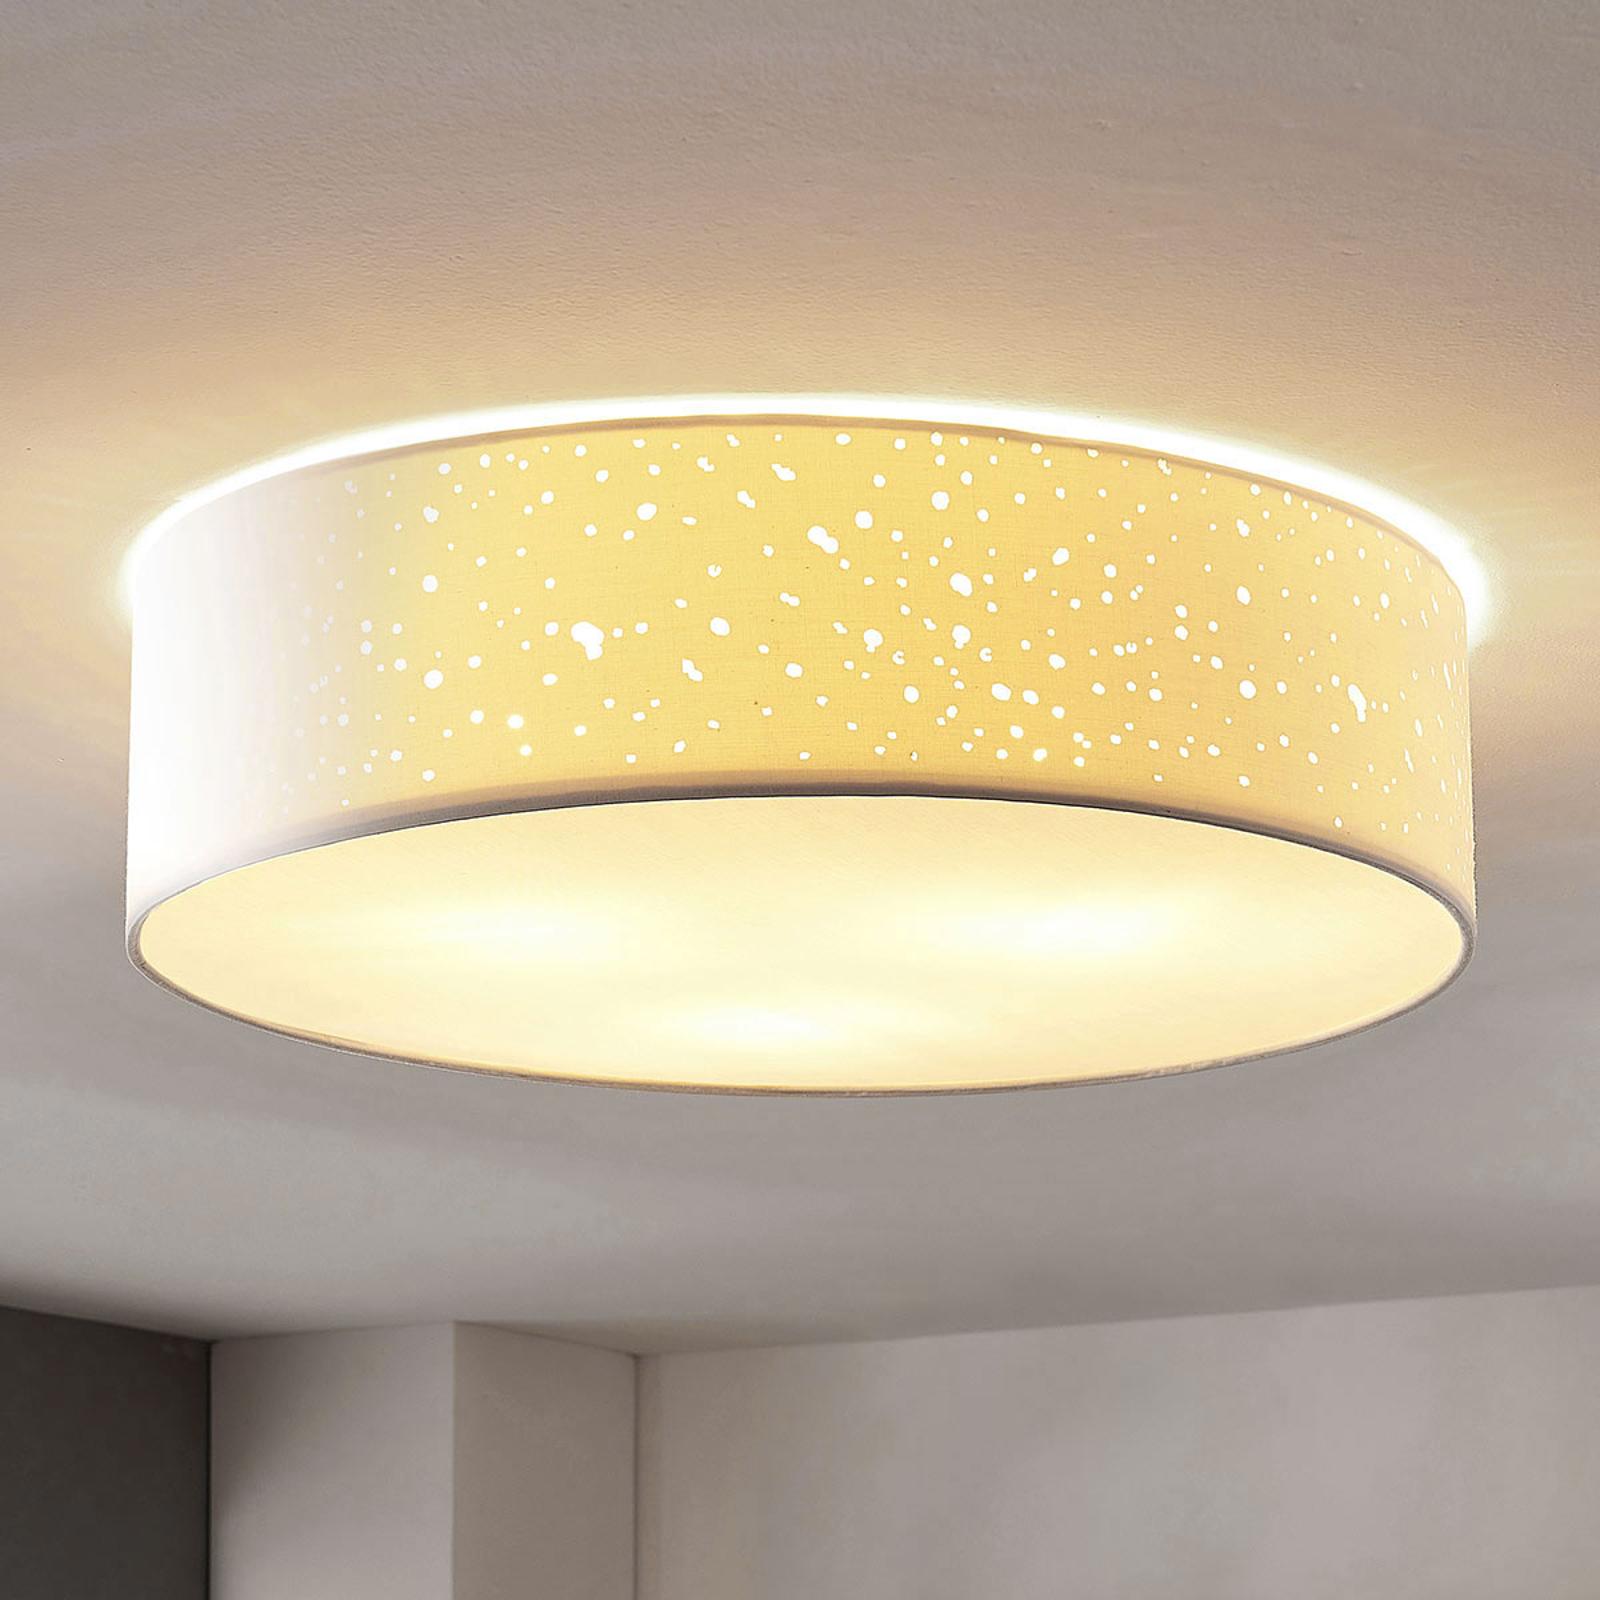 Stropní svítilna Umma, přímo na stropě, bílá